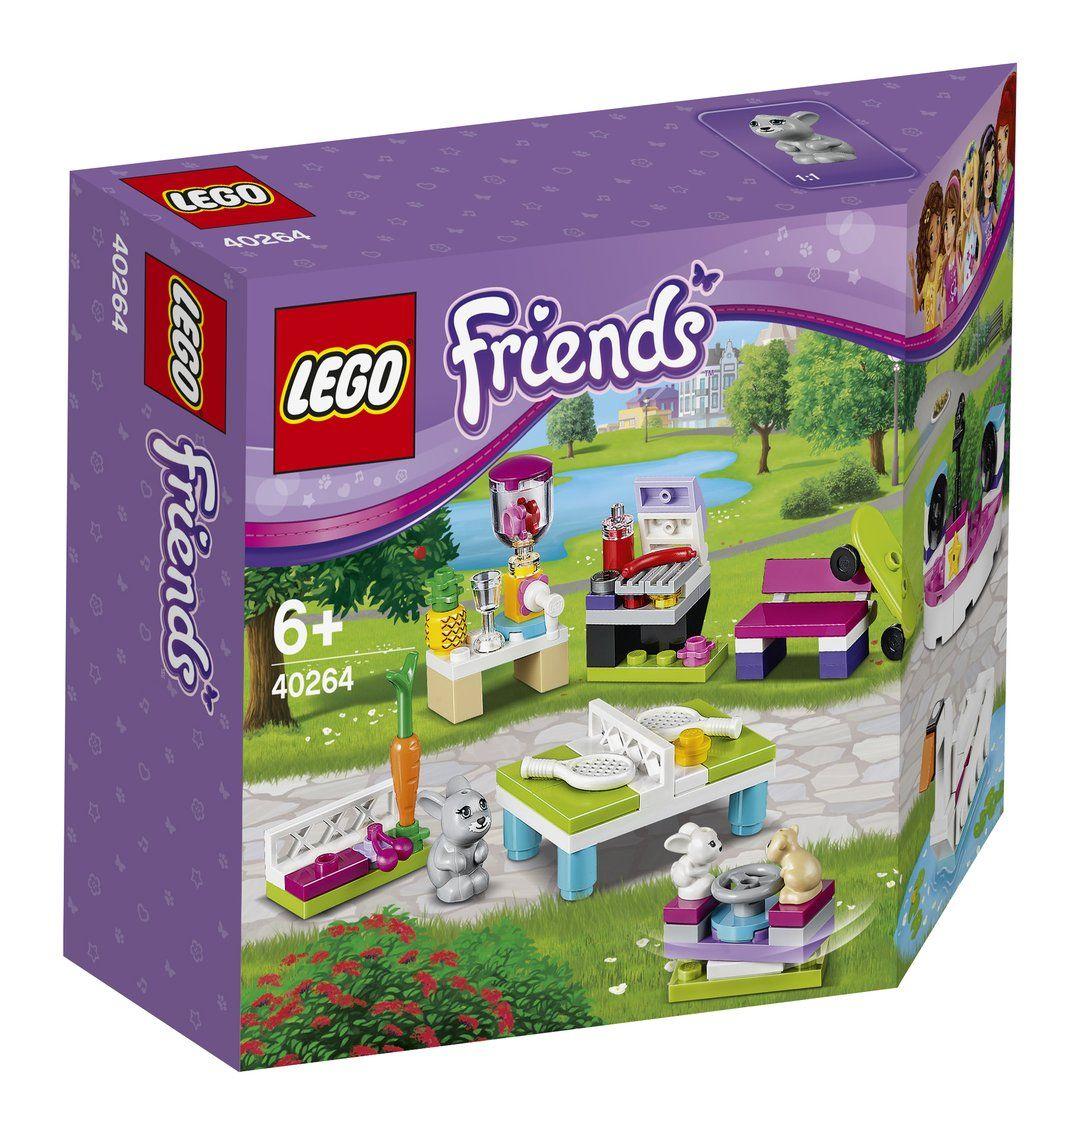 LEGO 40264 Friends Zubehör-Set KEINE VERSANDKOSTEN AUF ALLES BIS 24 UHR